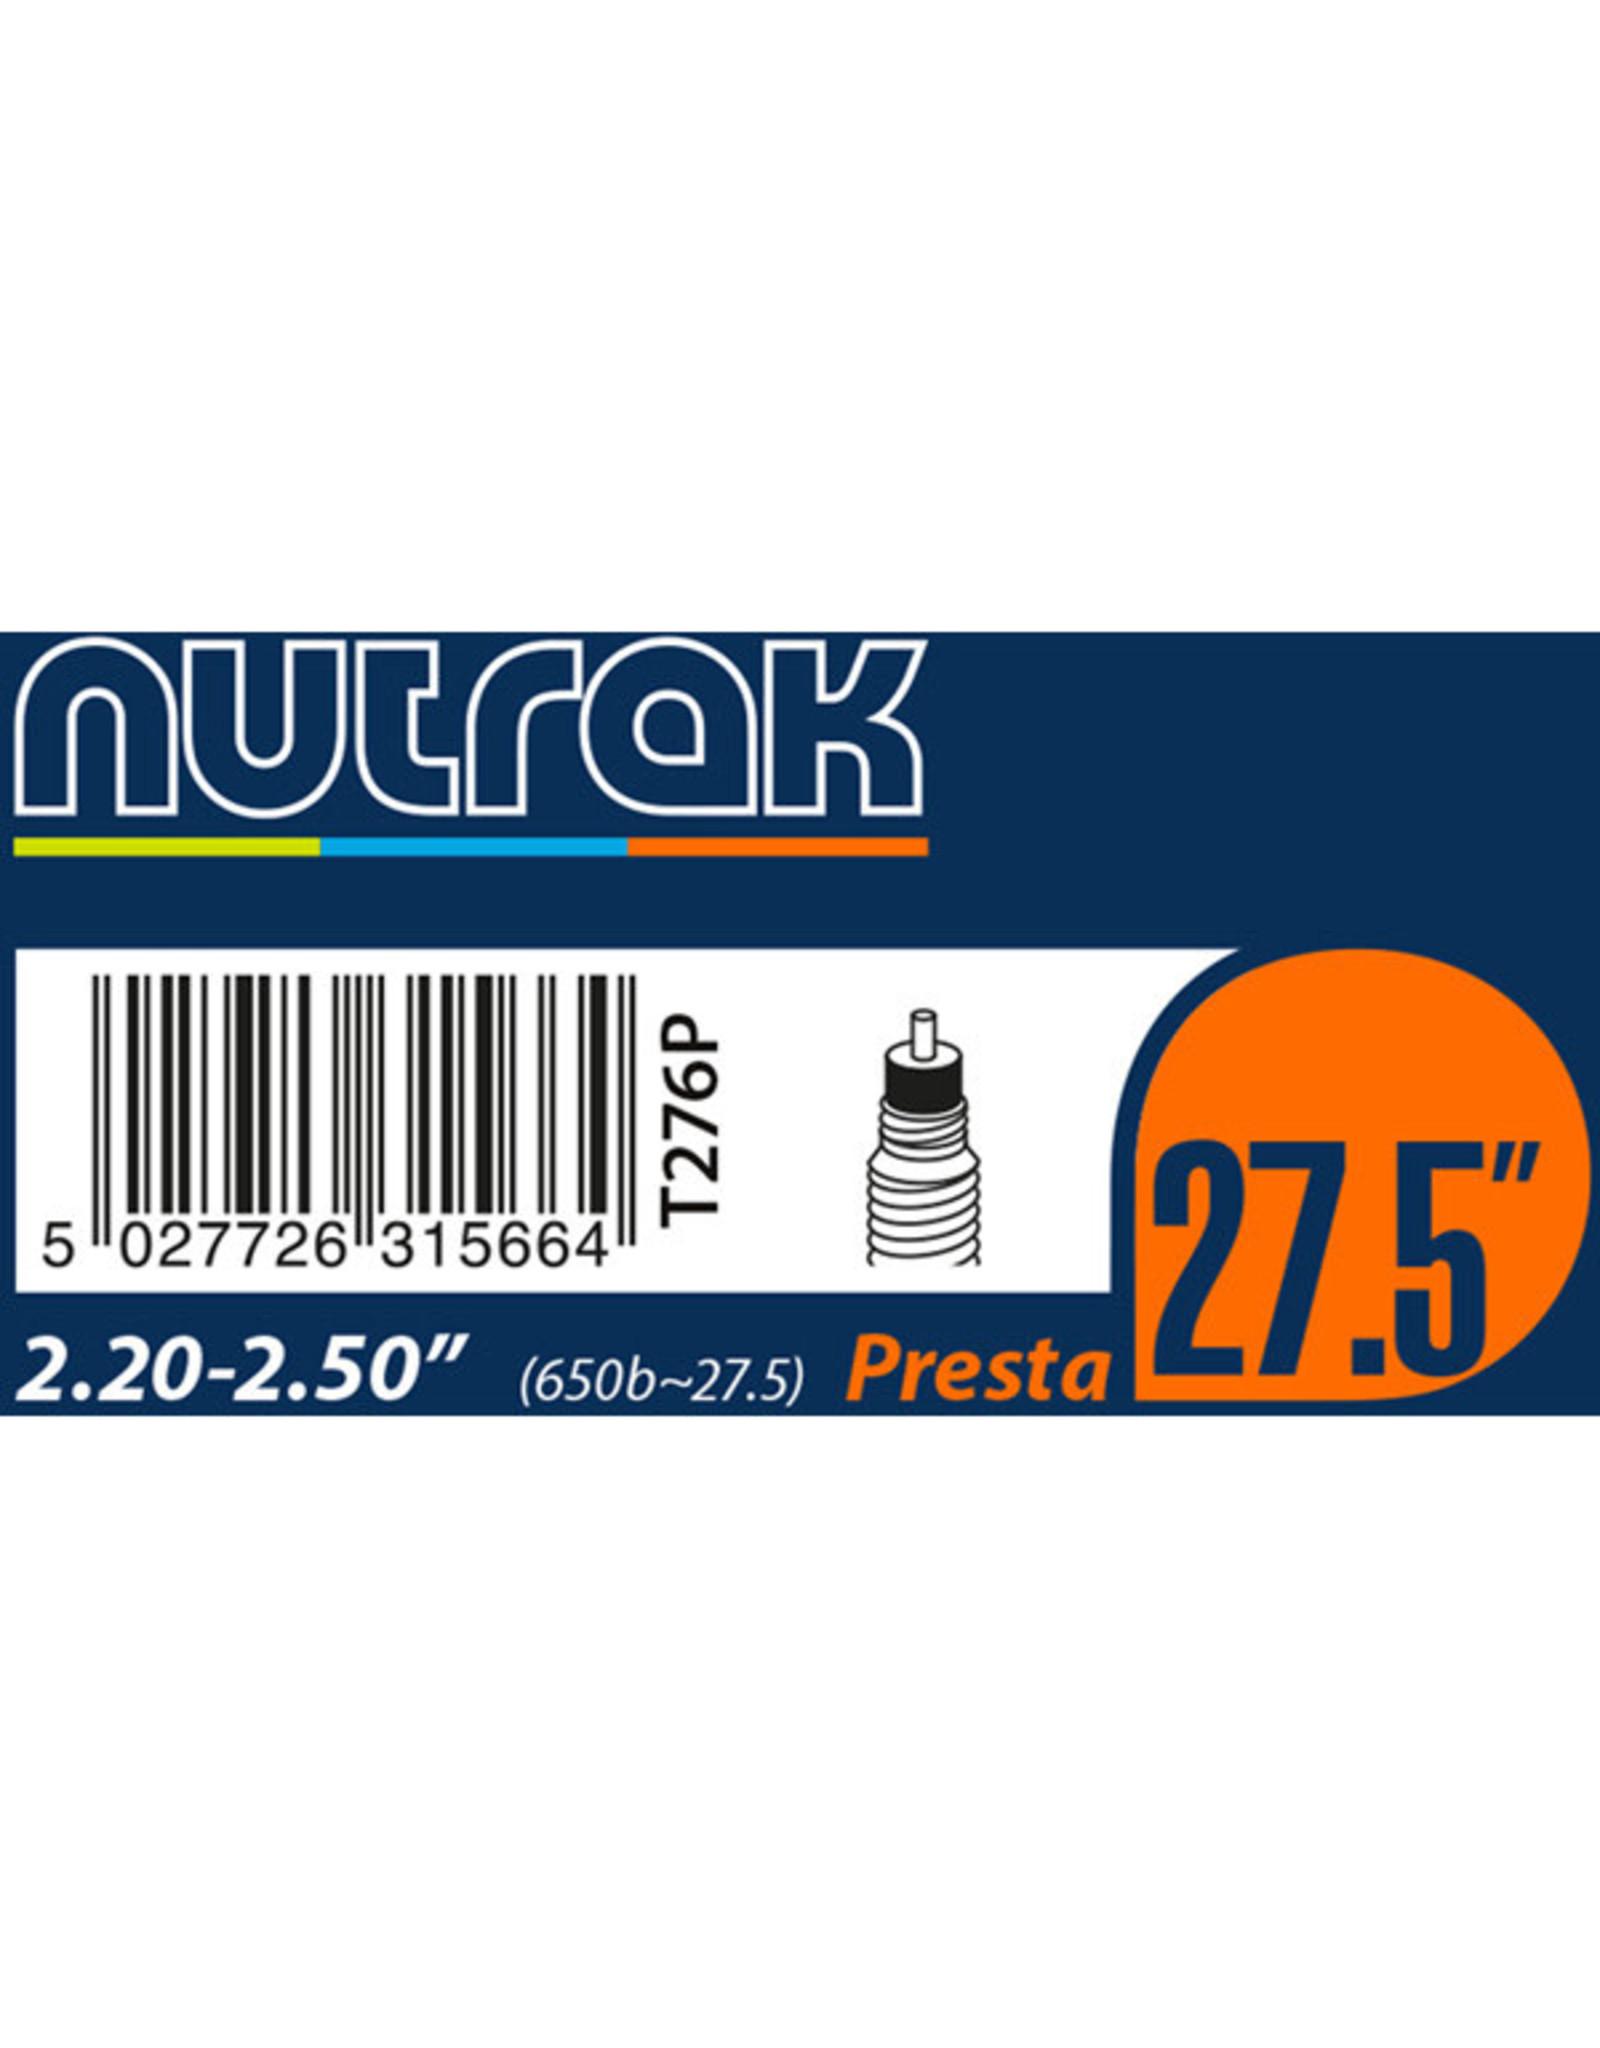 Nutrak Inner Tube Presta 27.5 x 2.2 - 2.5